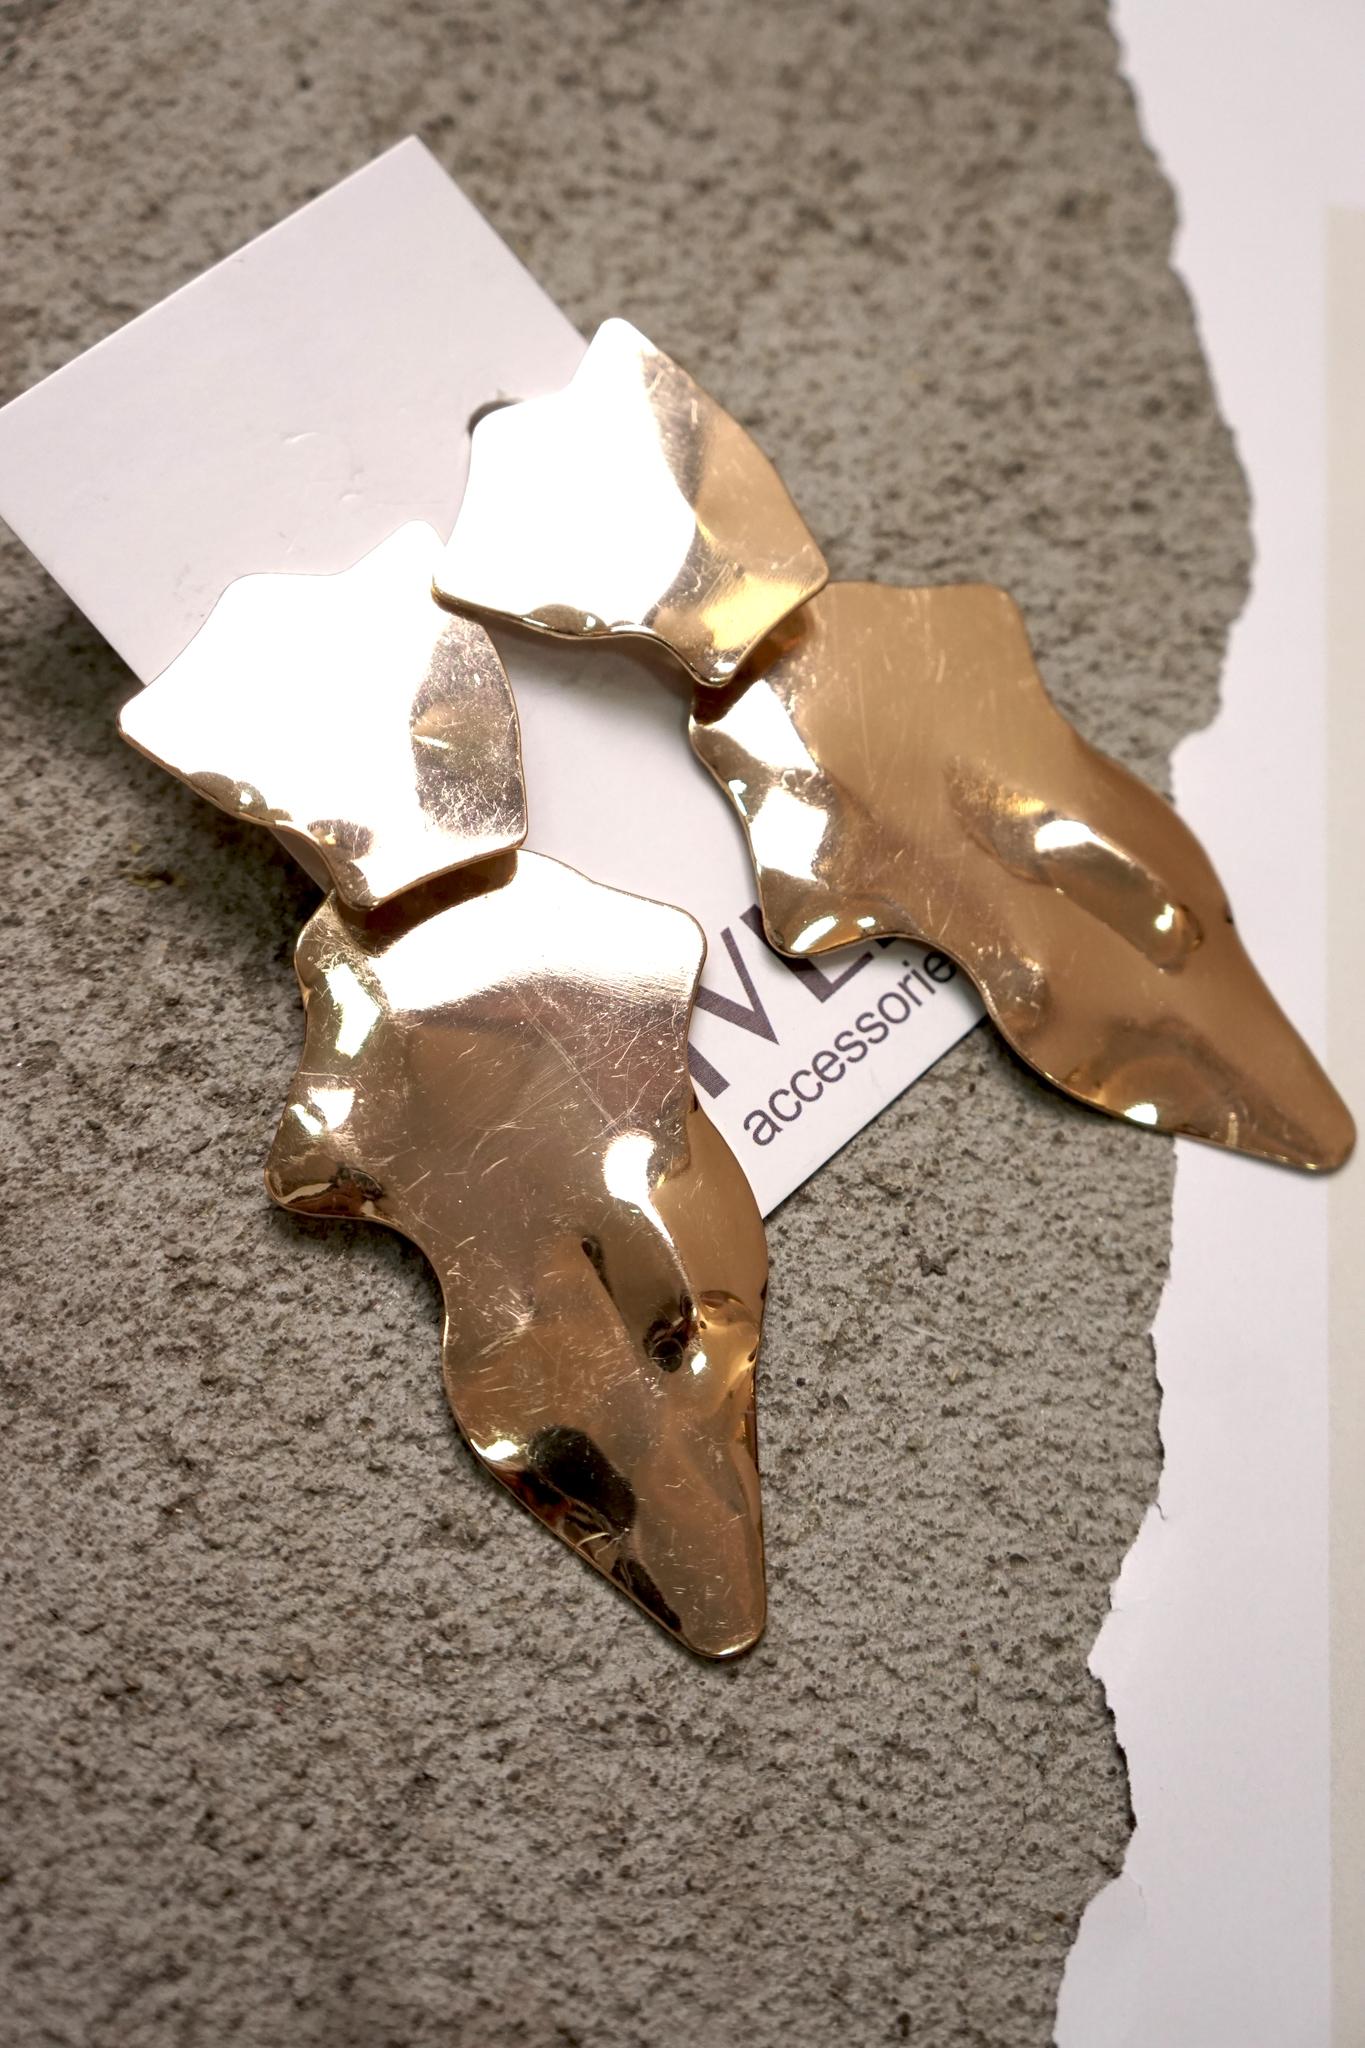 Серьги золотые фигуры ассиметричные 9 см  два яруса на гвоздике